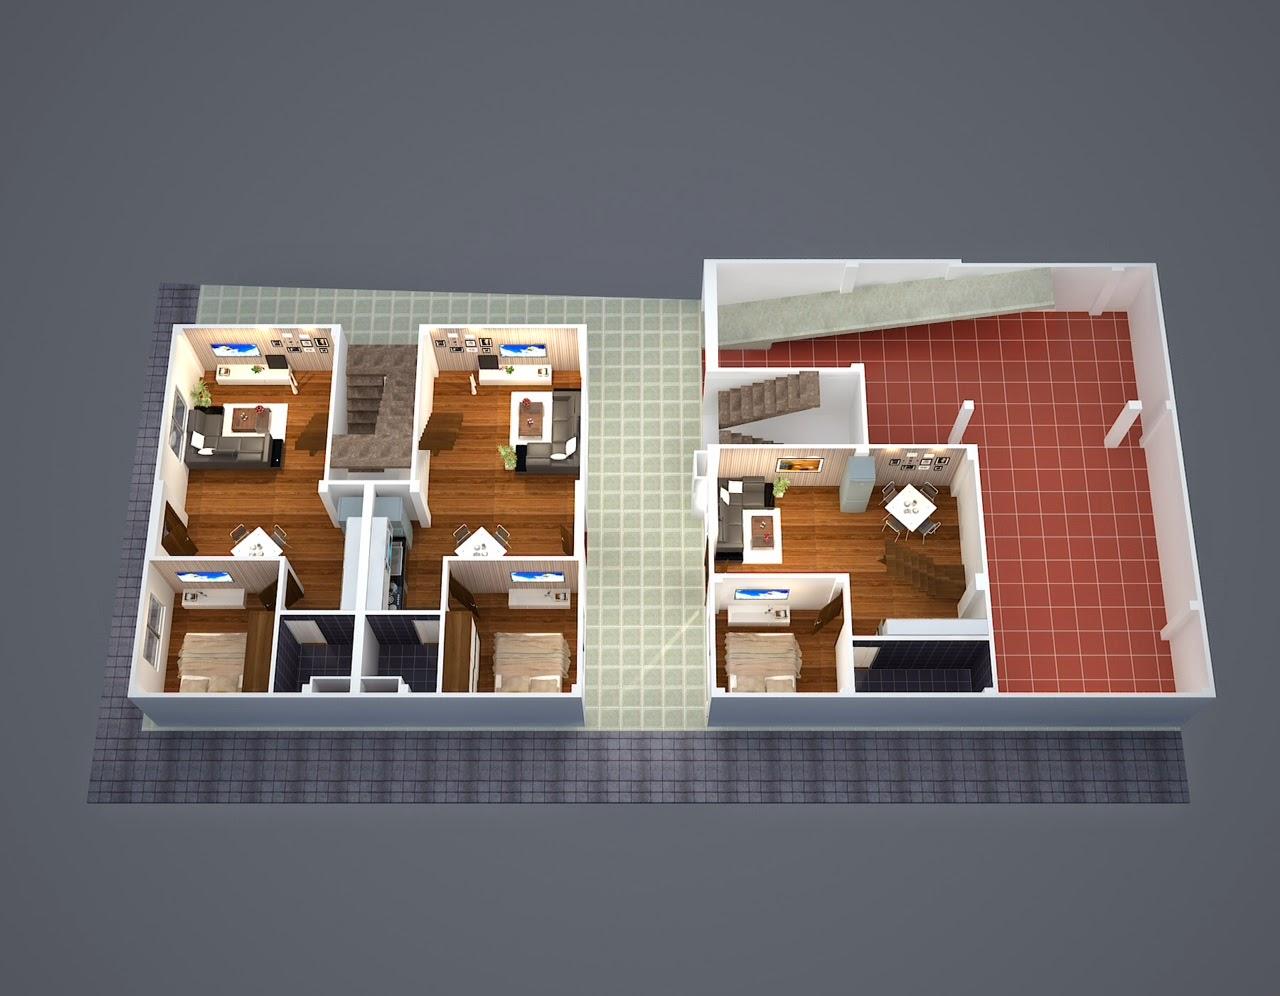 Chung cư giá rẻ Nhật Tảo 6 Từ Liêm từ hơn 400 triệu- Có sổ hồng từng căn